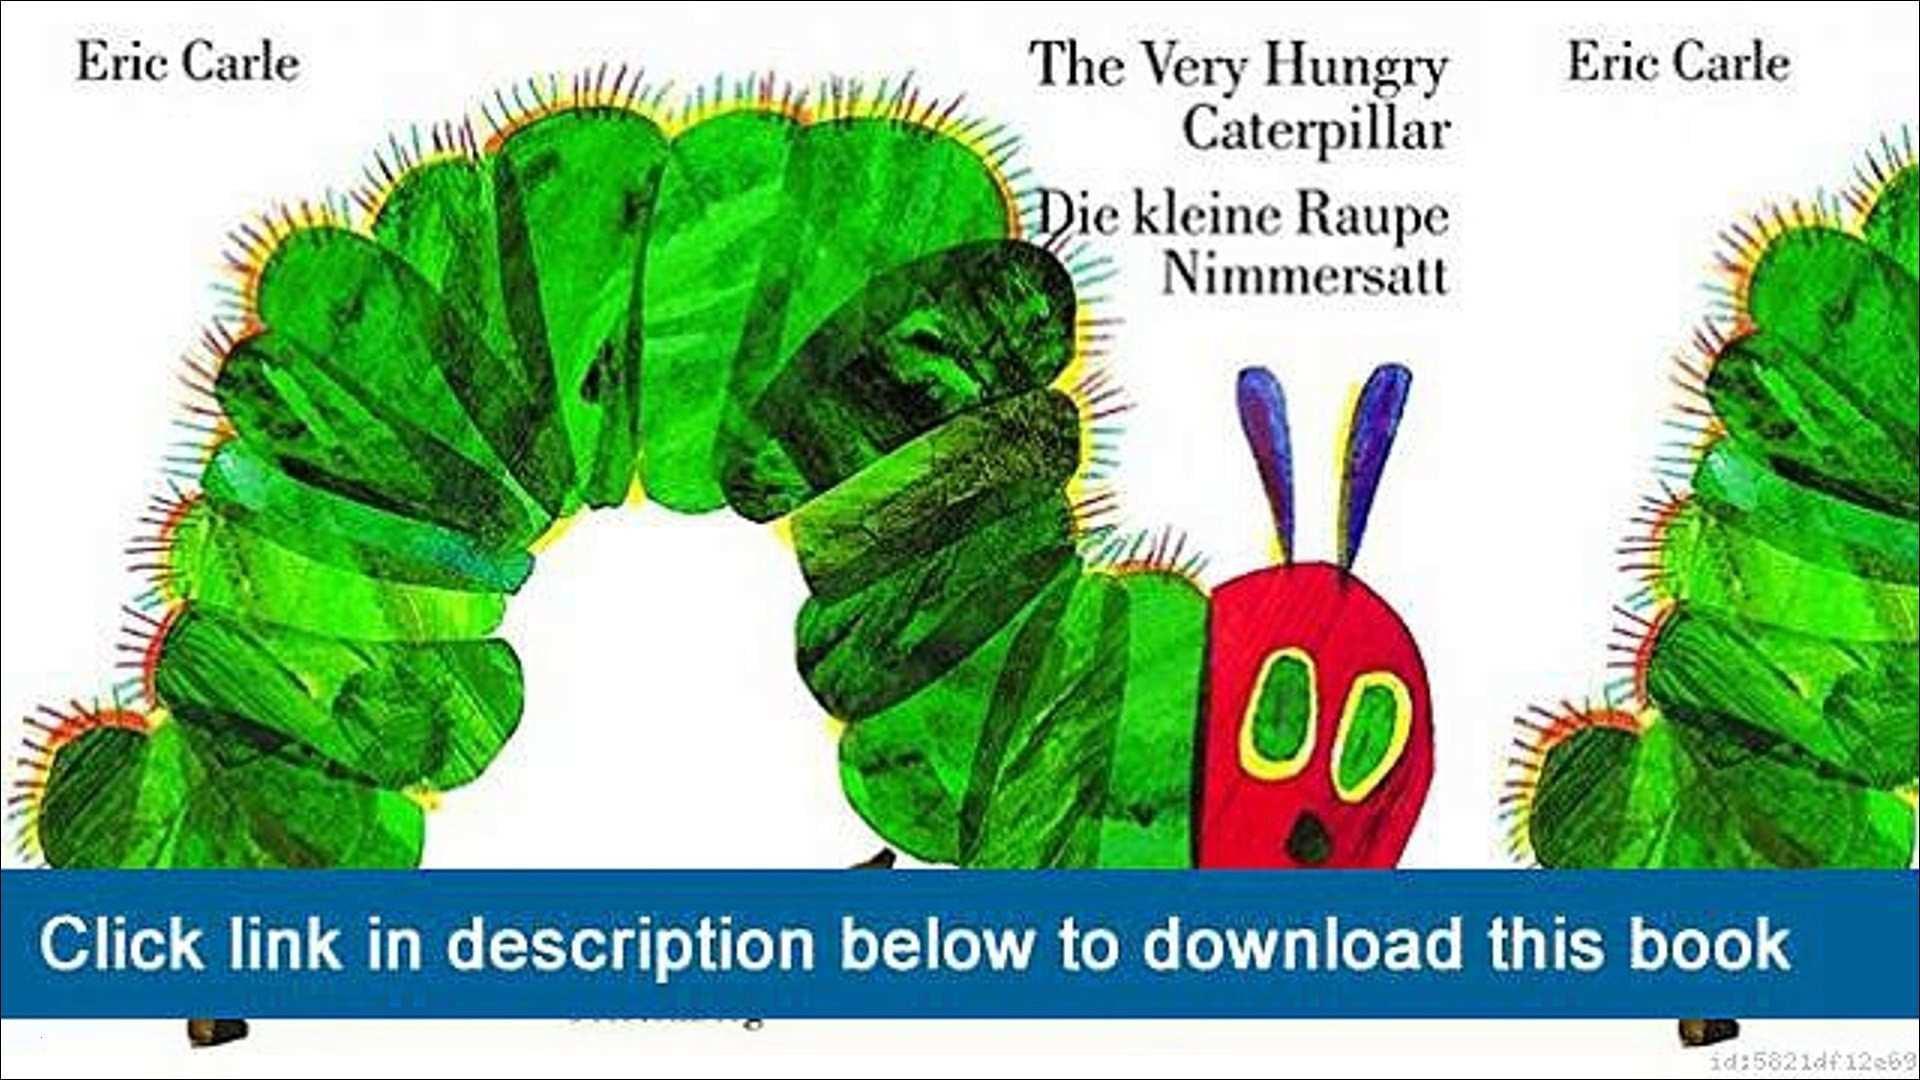 Ausmalbilder Raupe Nimmersatt Einzigartig Die Kleine Raupe Nimmersatt Ausmalbild Bild Ausmalbilder Igel Das Bild